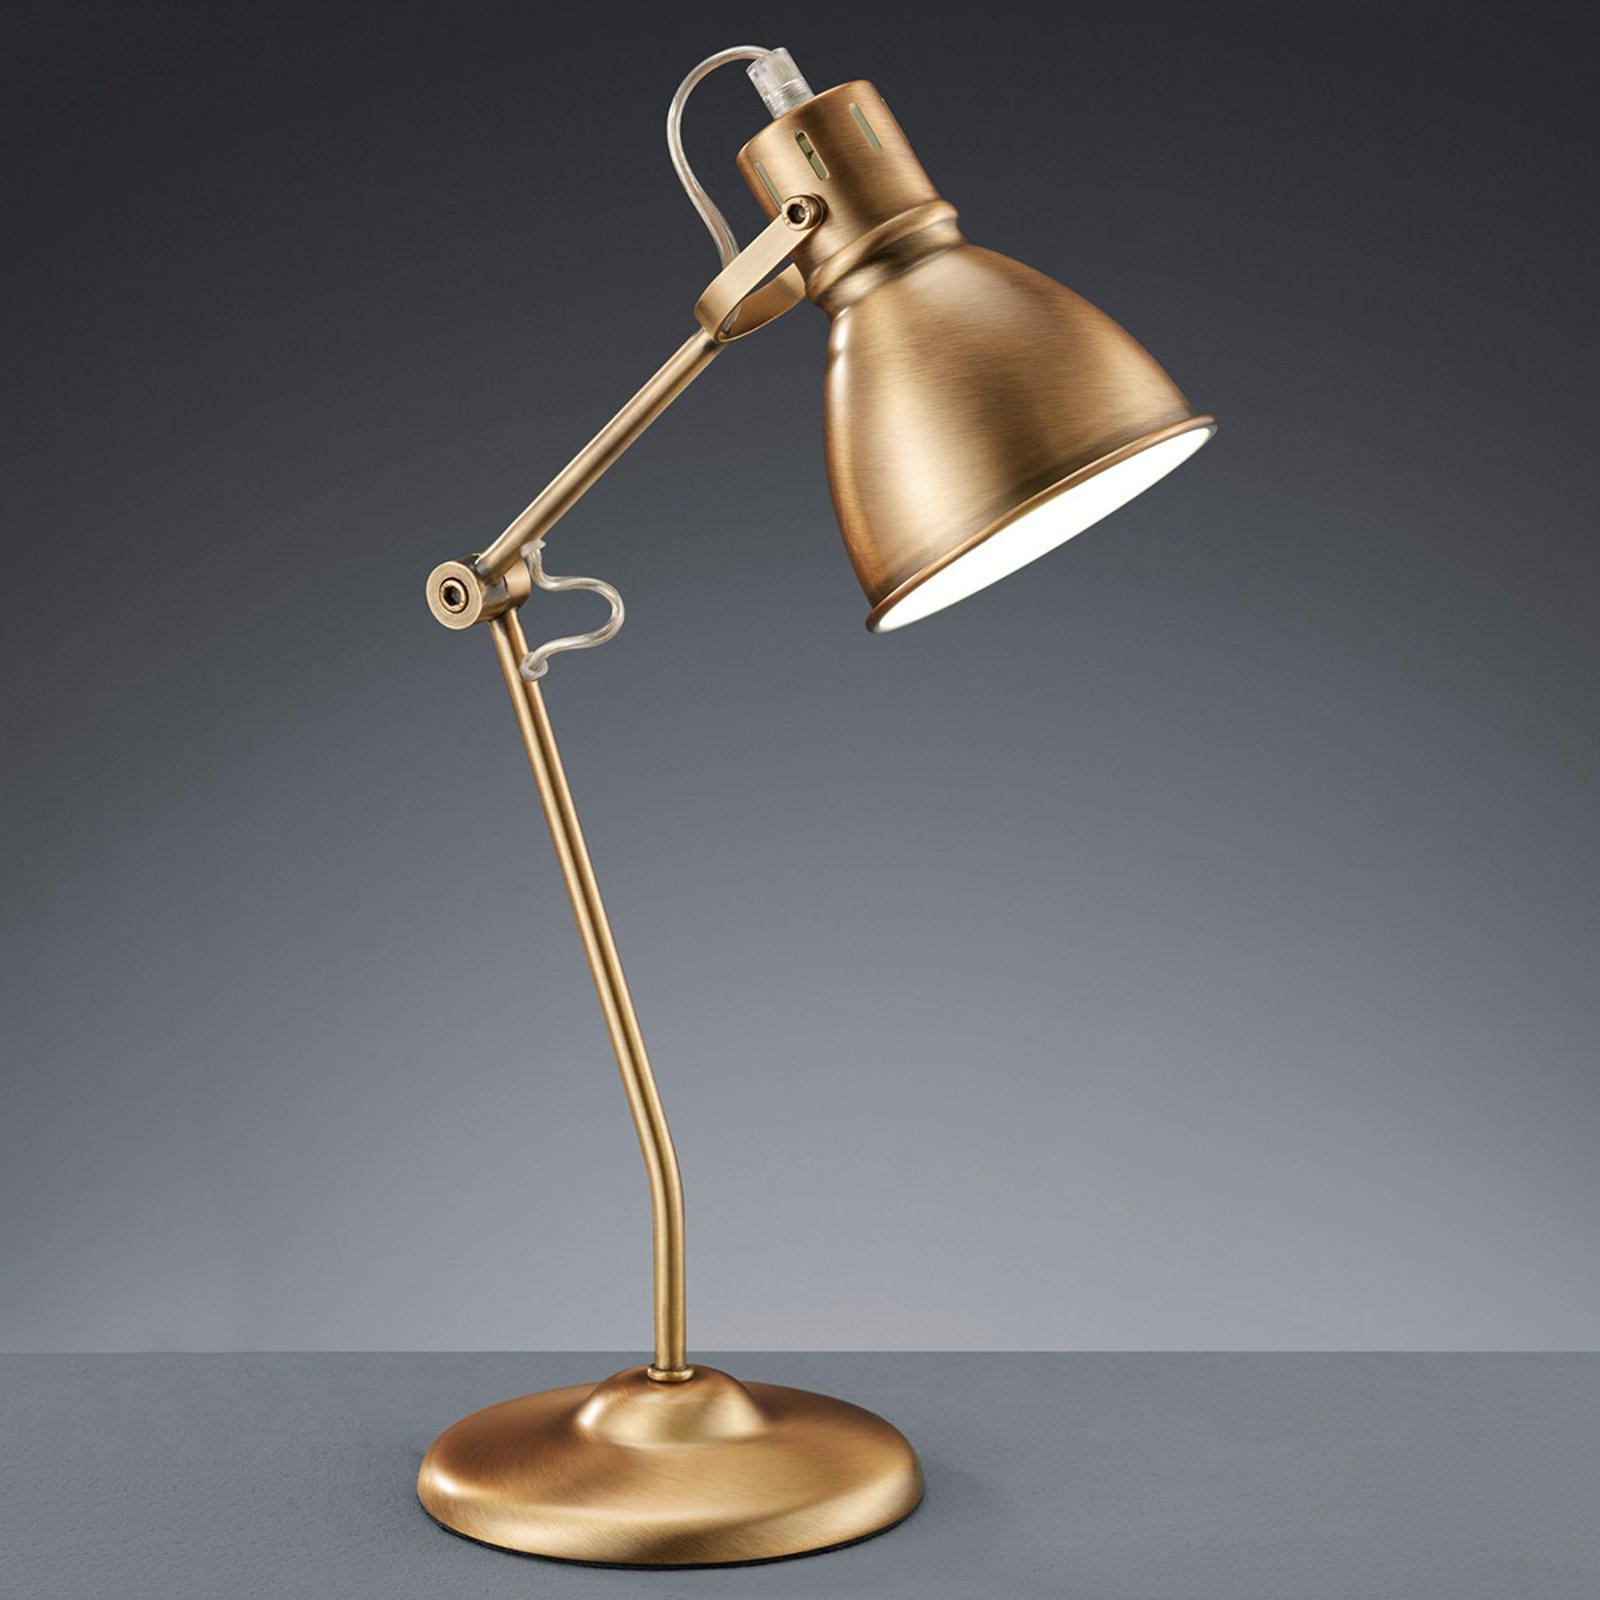 Vakker bordlampe Keali antikkmessing